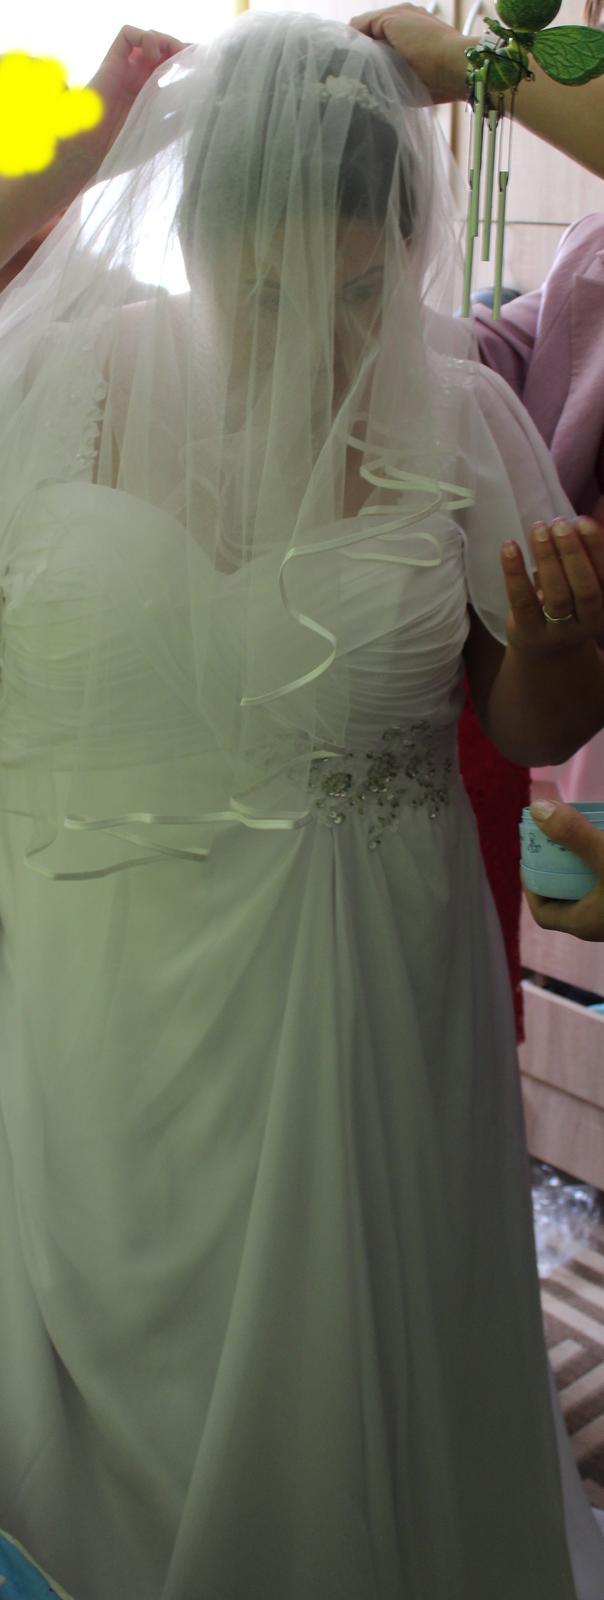 svadobné šaty 52 - Obrázok č. 1